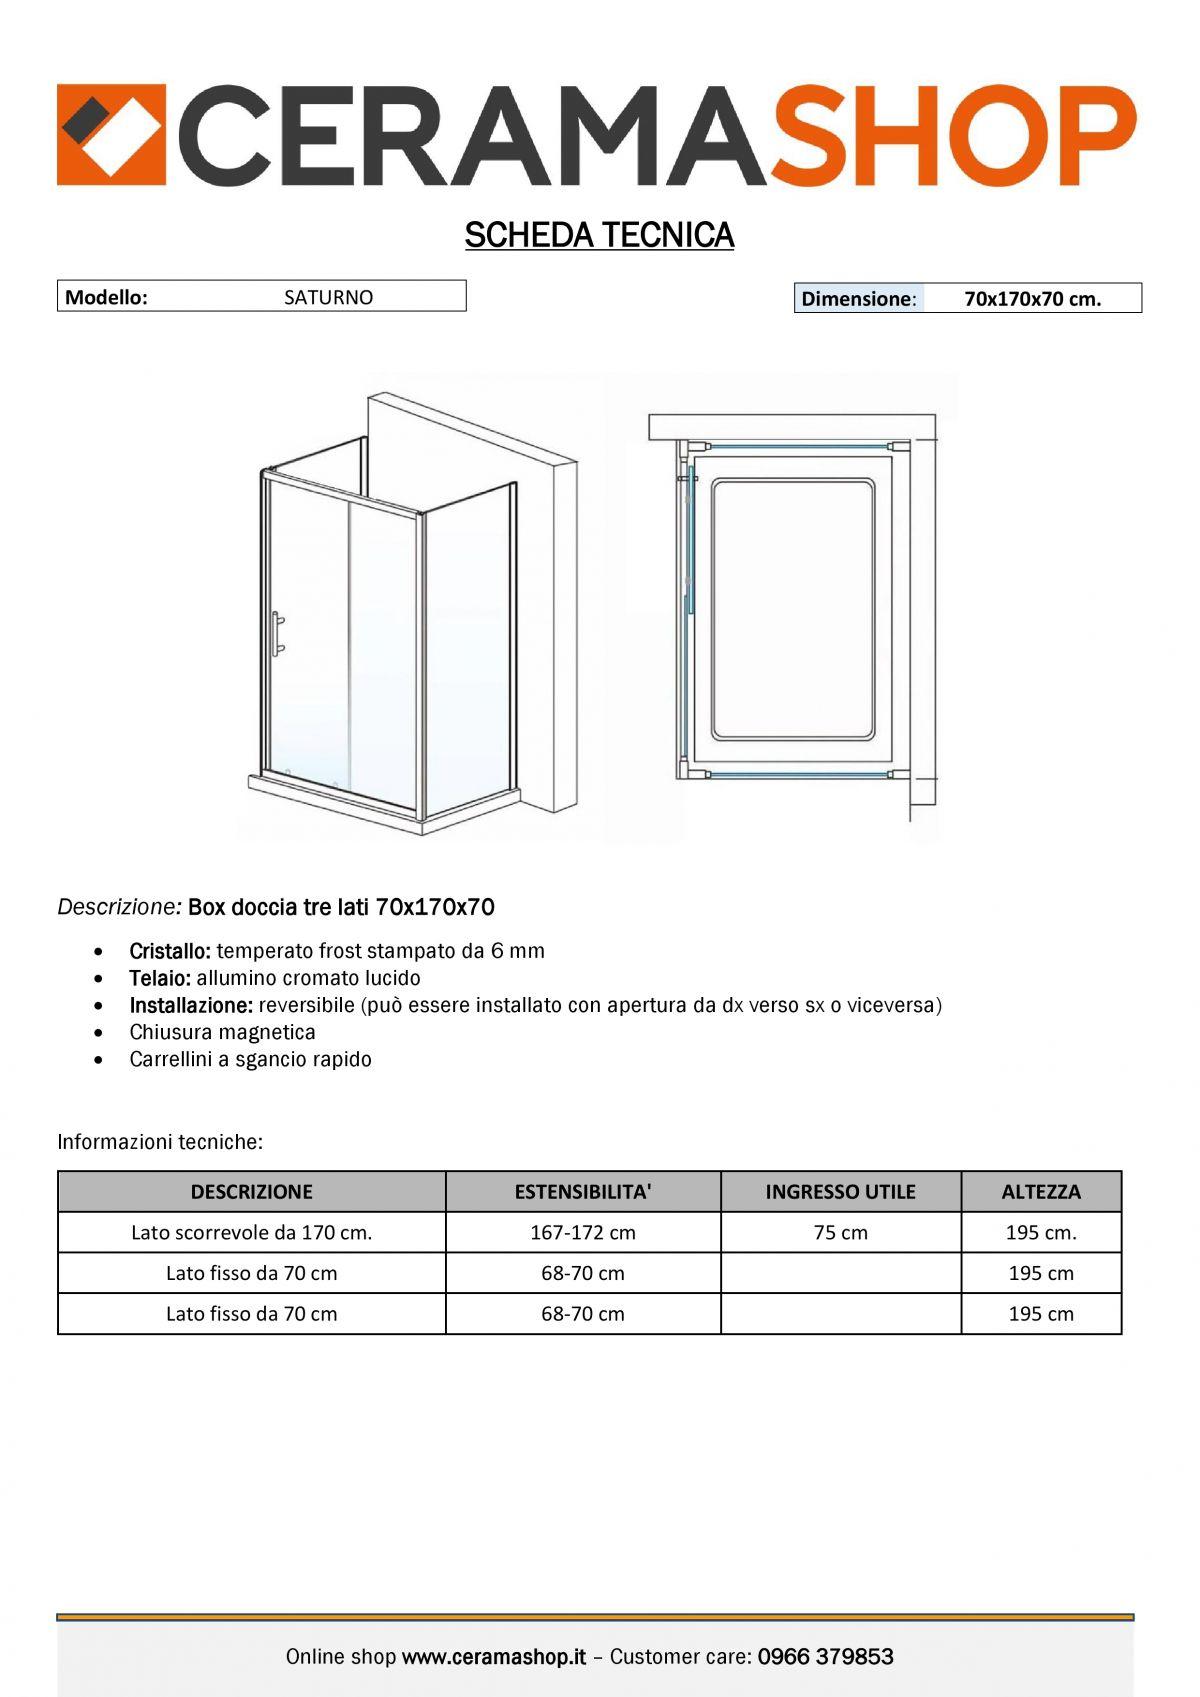 """70x170x70 000001 1 scaled Box Cabina doccia tre lati """"Saturno"""" 70x170x70 cm scorrevole cristallo satinato 6 mm"""